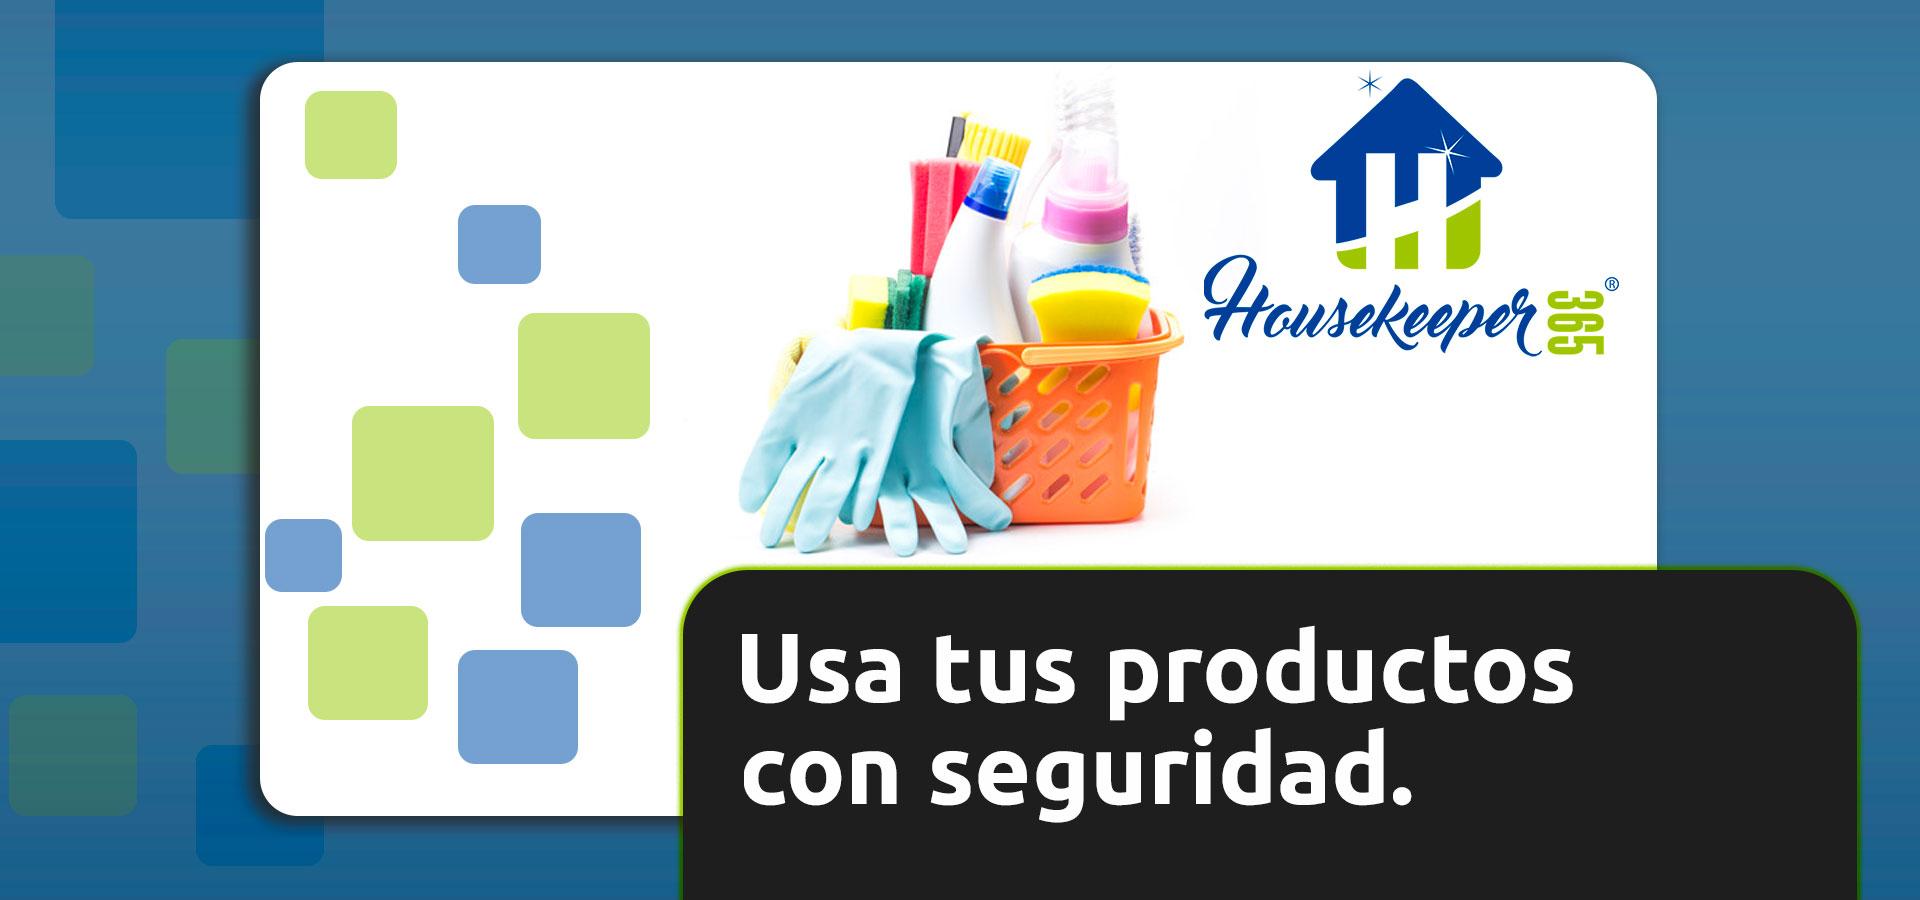 Usa-tus-productos-con-seguridad-│-HouseKeeper365